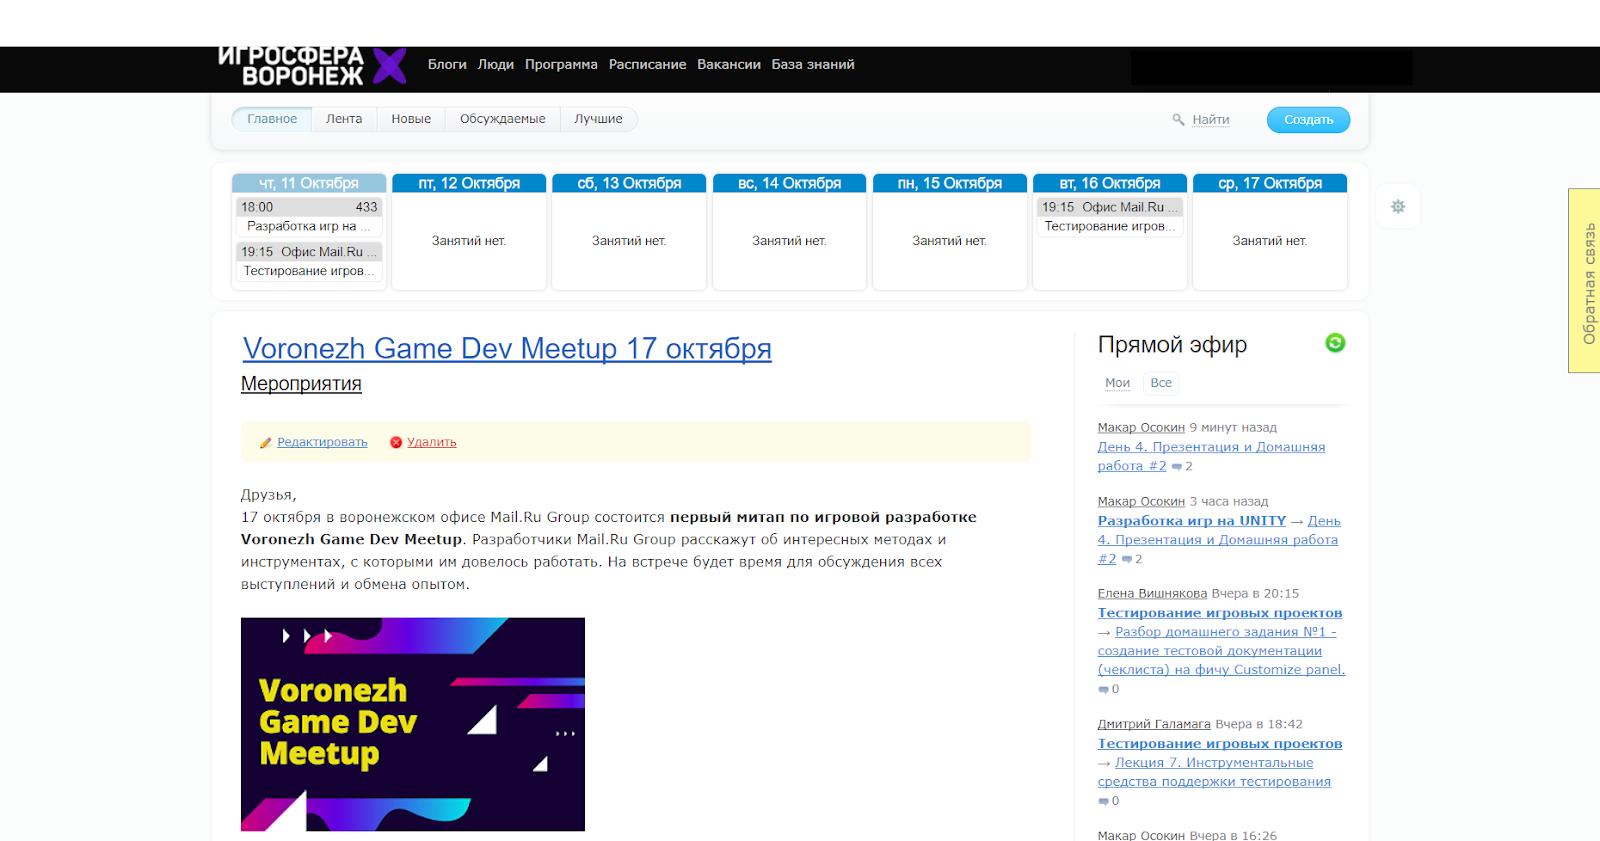 Лучшие специалисты — те, которых подготовил сам: курс по тестированию игр от экспертов Mail.Ru Group - 3